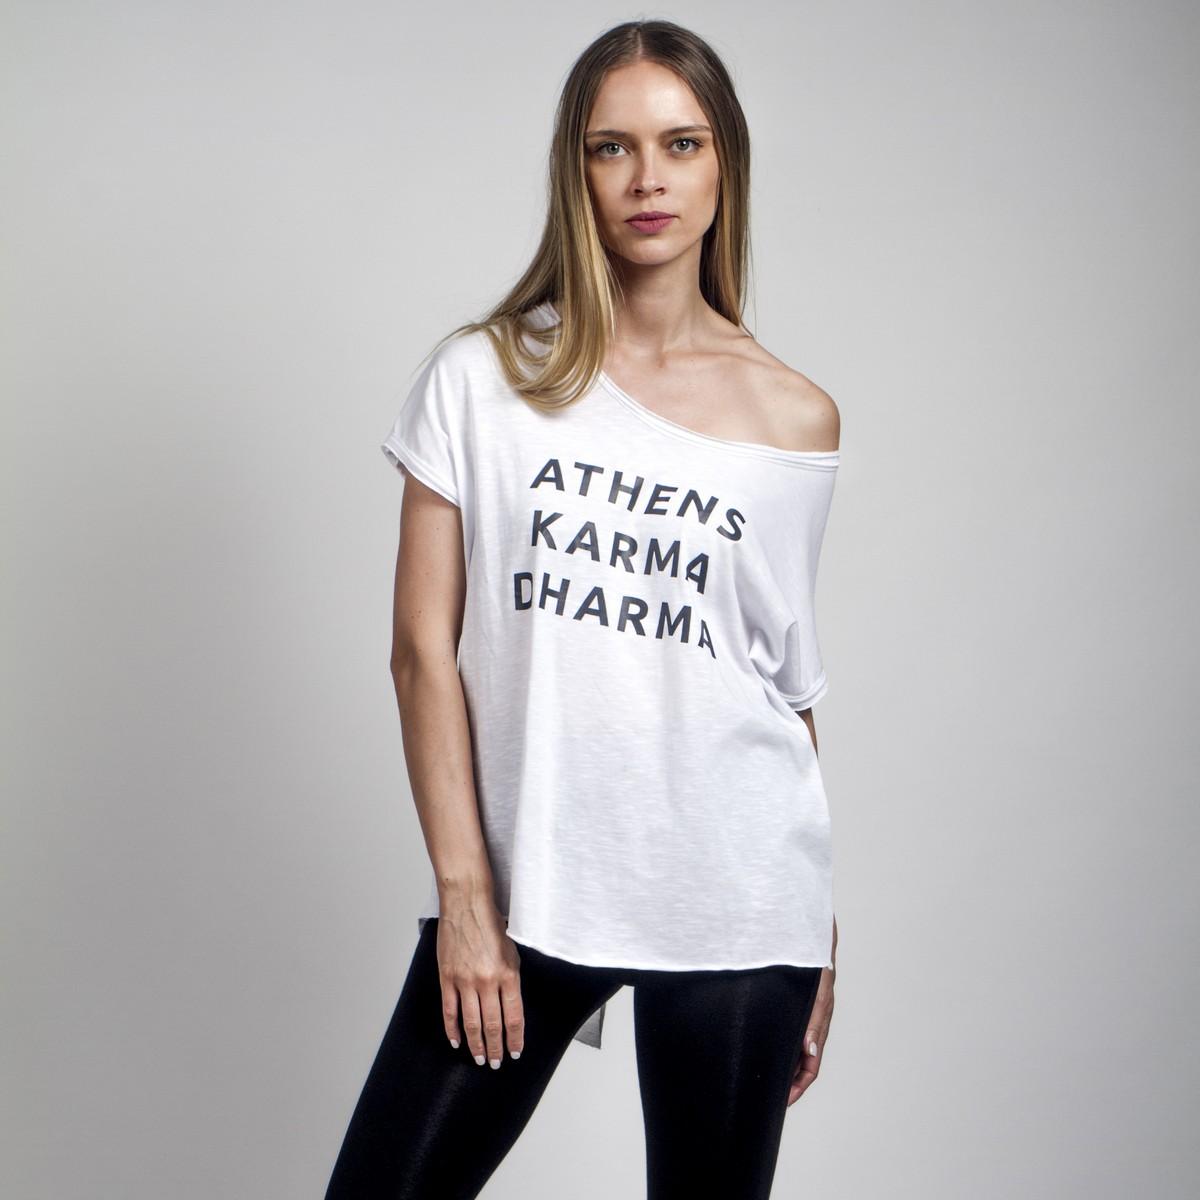 f09db195b272 Ασπρο tshirt με στάμπα - Γυναικεία Ρούχα - Φορέματα - Xanashop